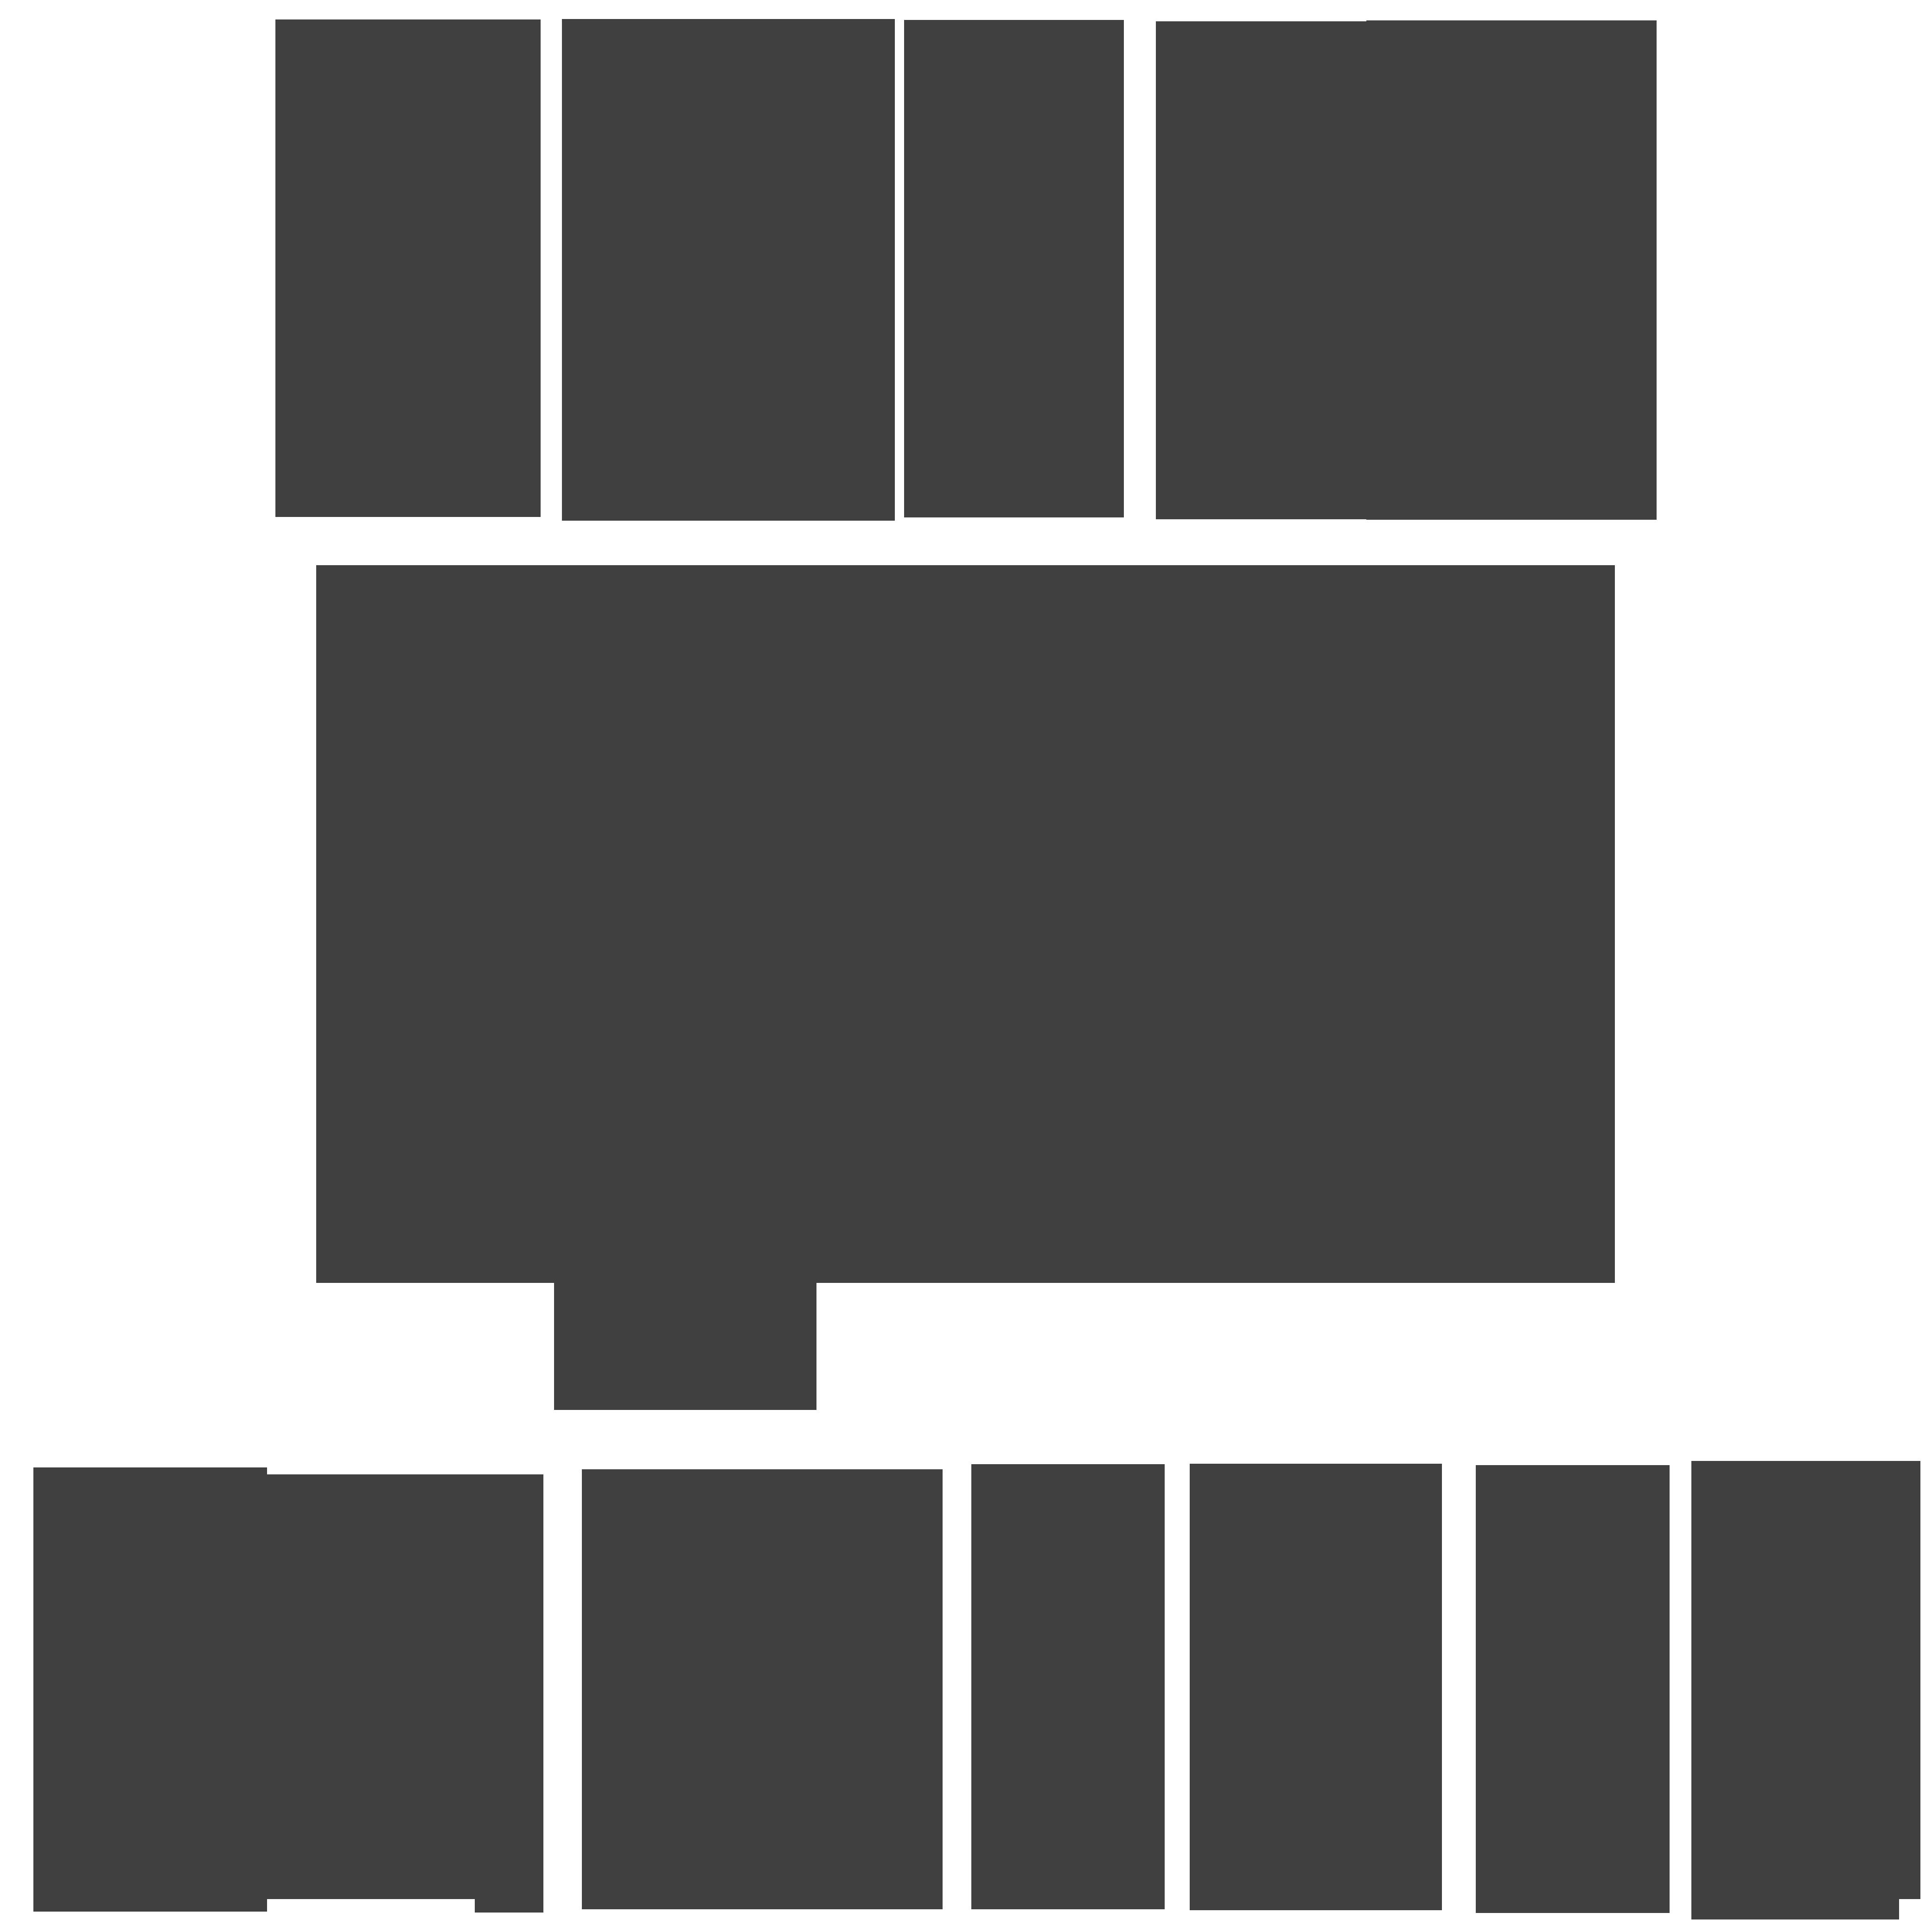 Camper clipart campervan. Campervans autocad dxf silhouette